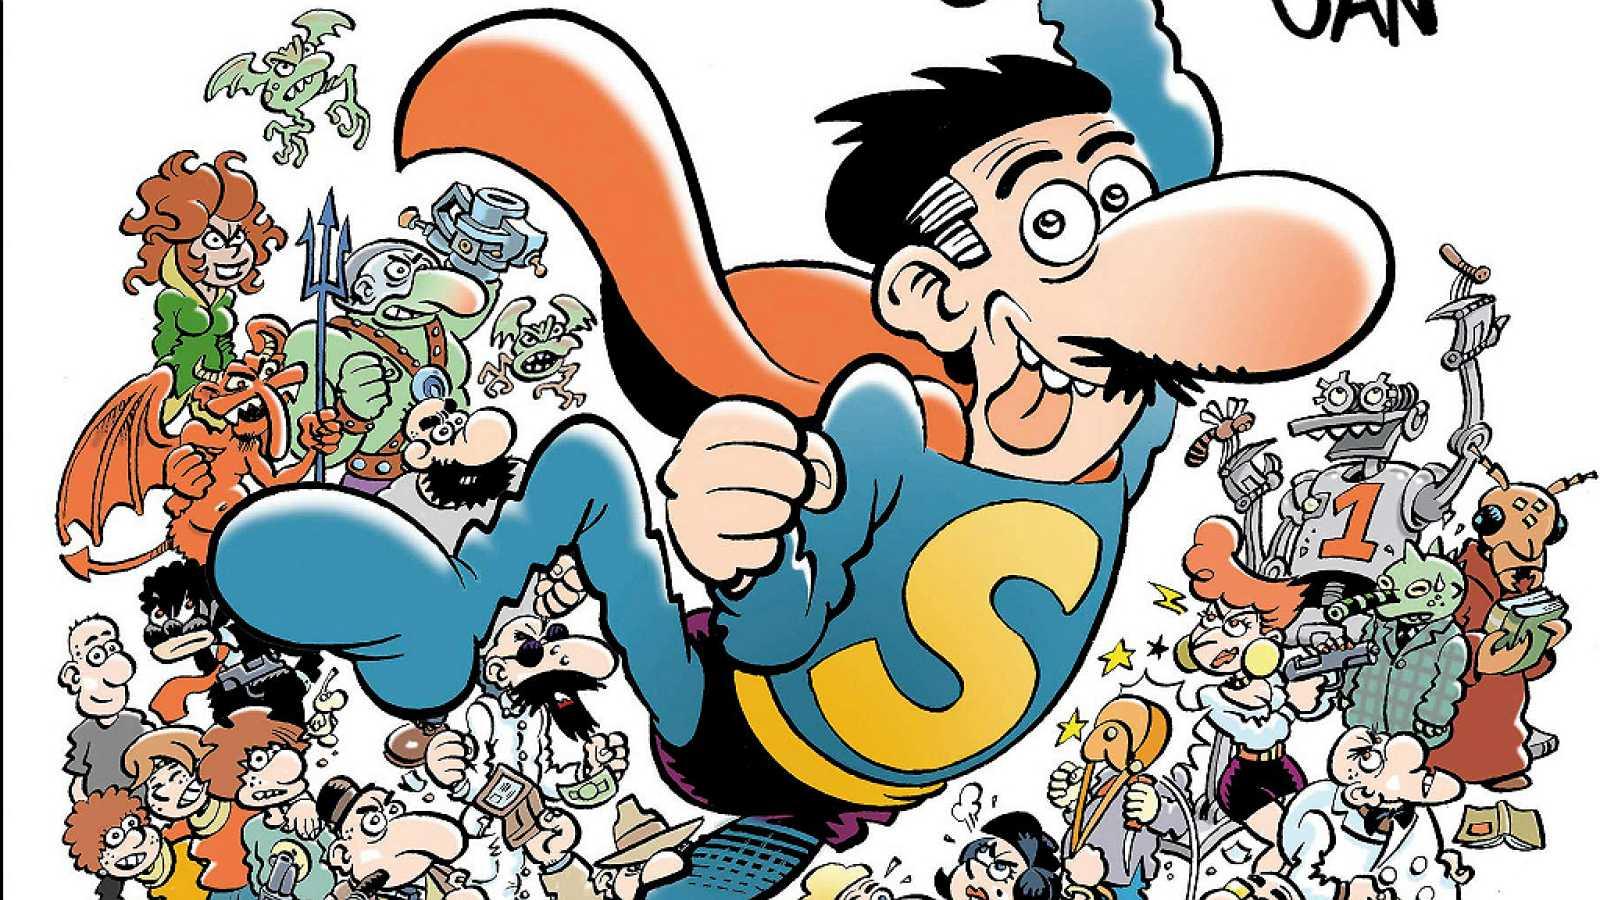 Viñetas y bocadillos - Antoni Guiral: 'El gran libro de SuperLópez' - 30/01/19 - Escuchar ahora